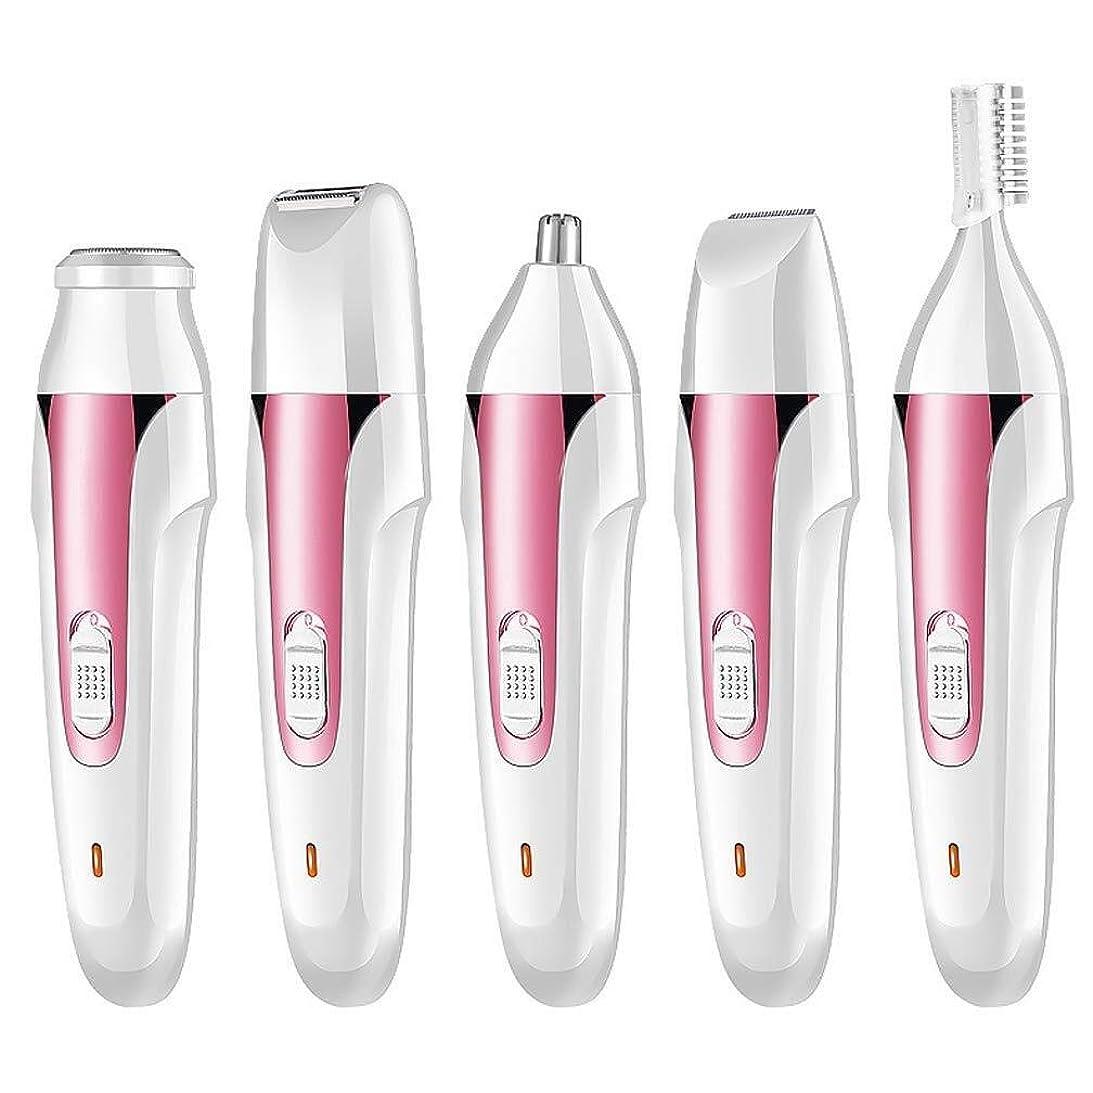 レタッチスカイワイン電動鼻毛トリマー - USB充電器、電動脱毛器具、シェービングナイフ、リップヘア、眉毛形削りナイフ、5つ1つ、ユニセックス、 (Color : Pink)